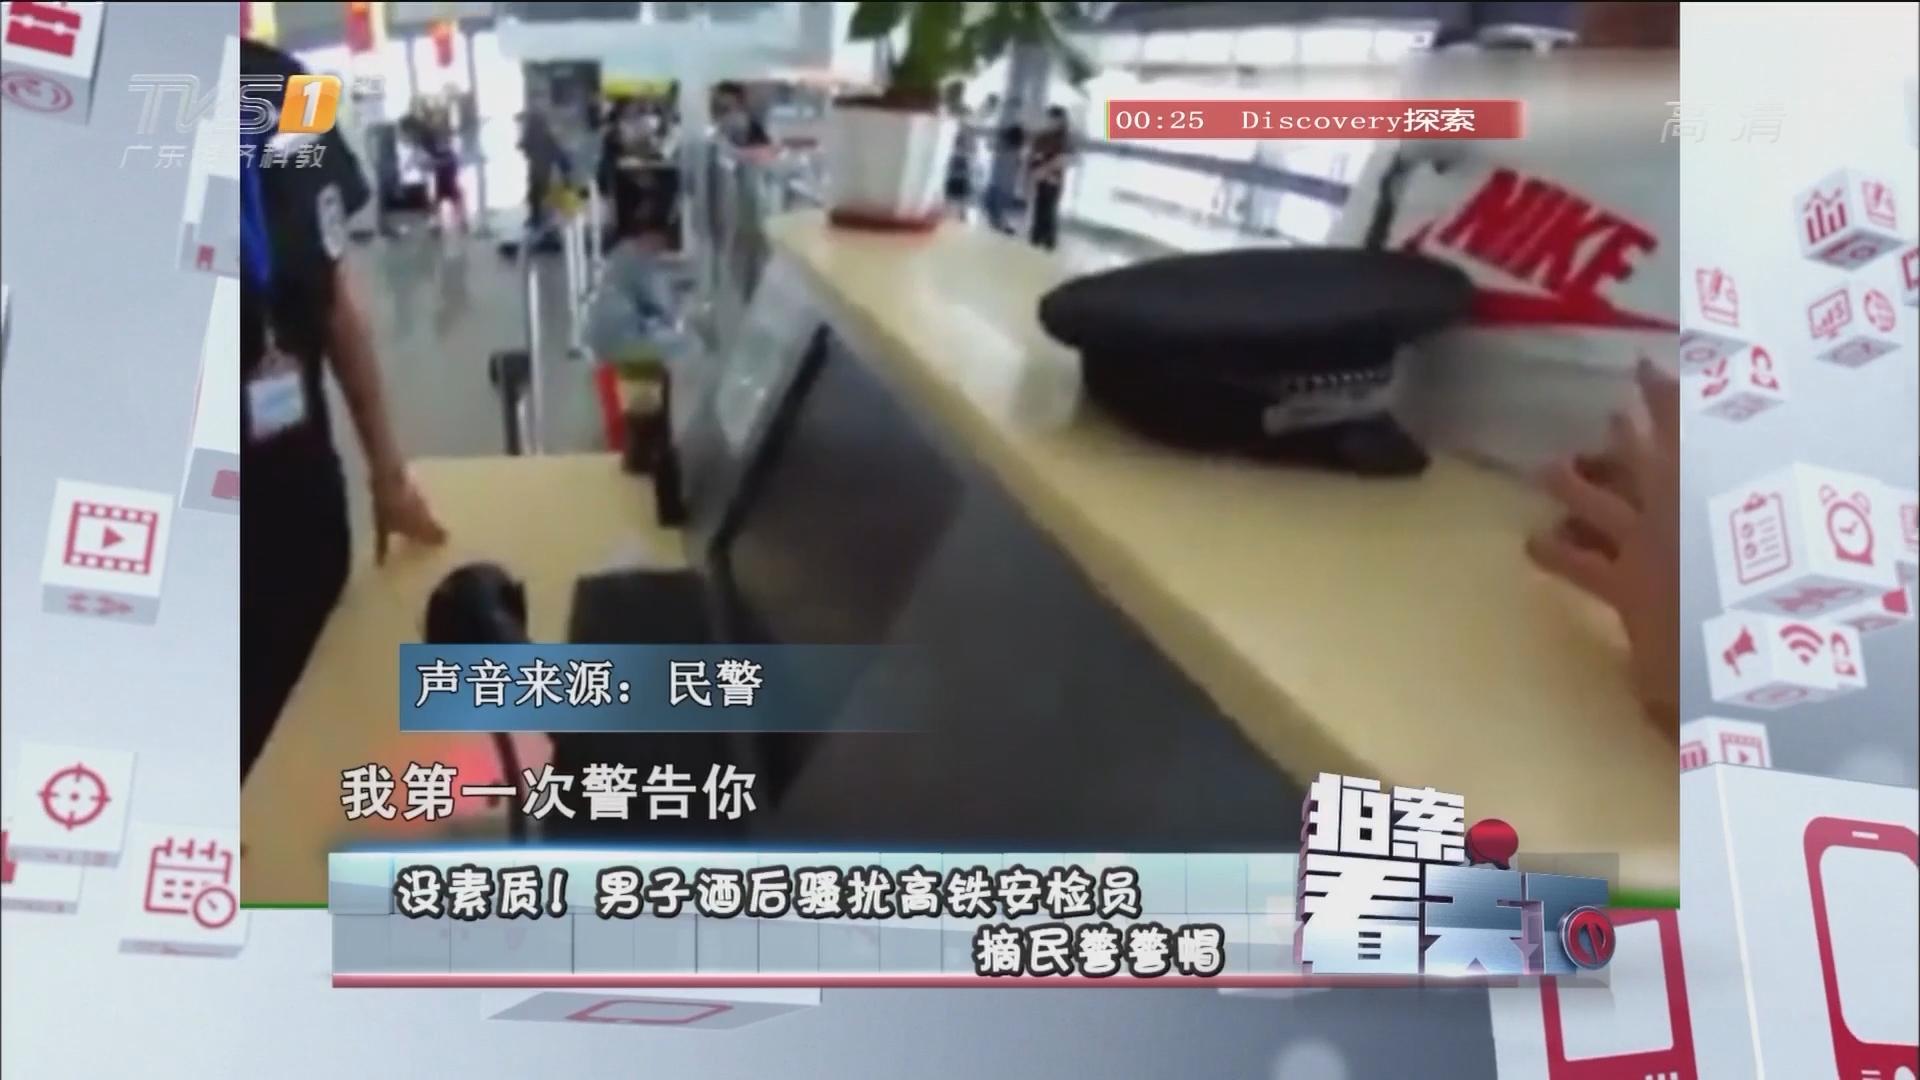 没素质!男子酒后骚扰高铁安检员 摘民警警帽